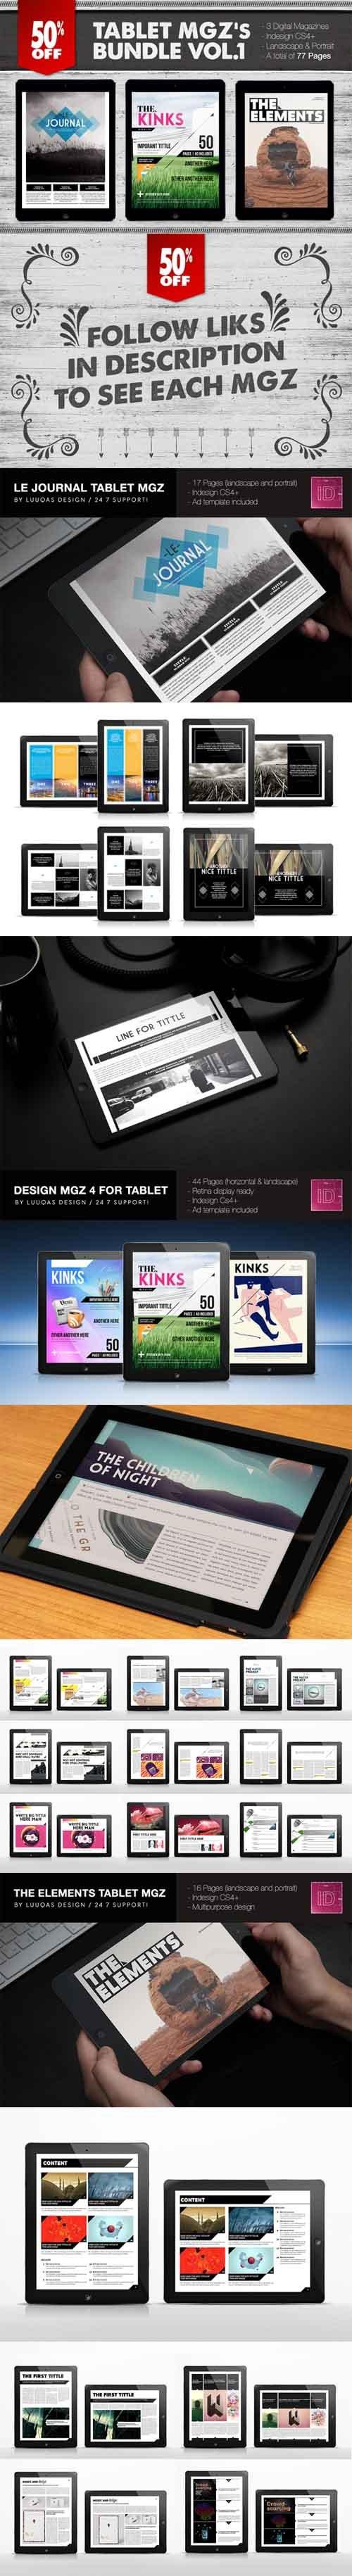 CM - Tablet Magazines Bundle 1